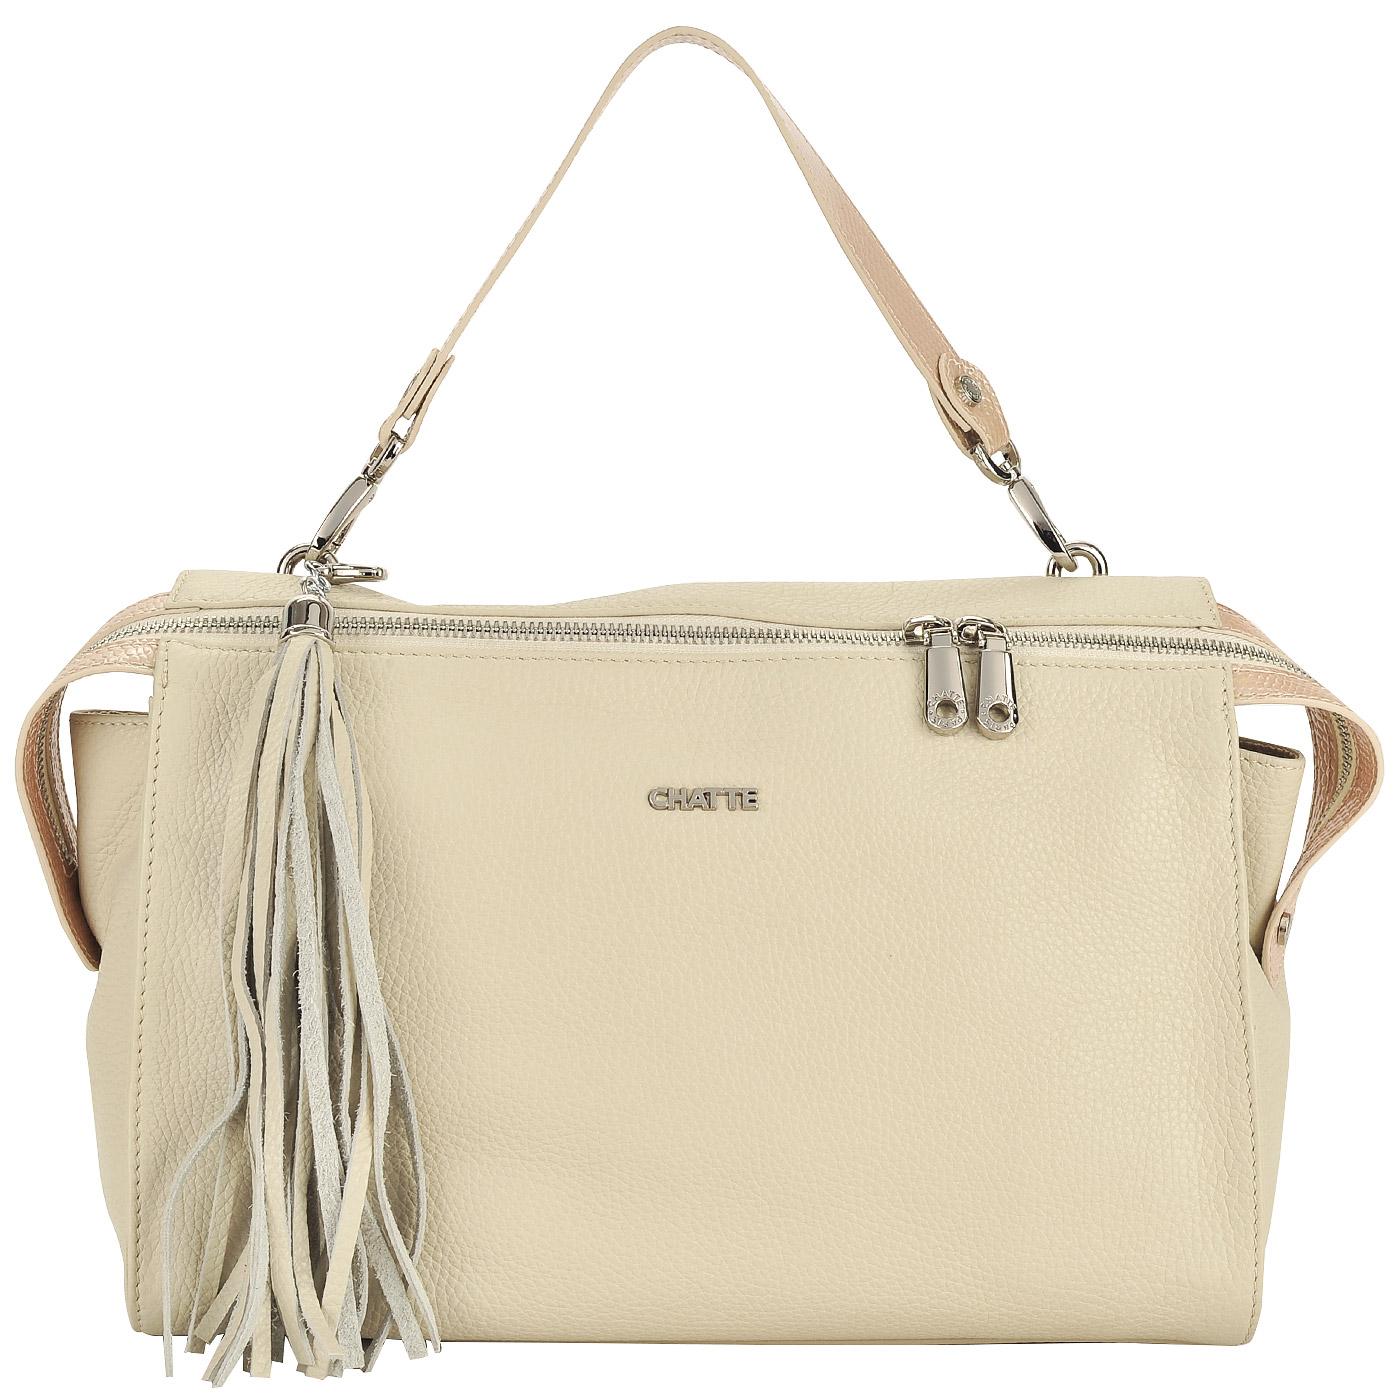 e15b17f9dda3 Вместительная женская сумка из натуральной кожи Chatte FT1411_beige ...